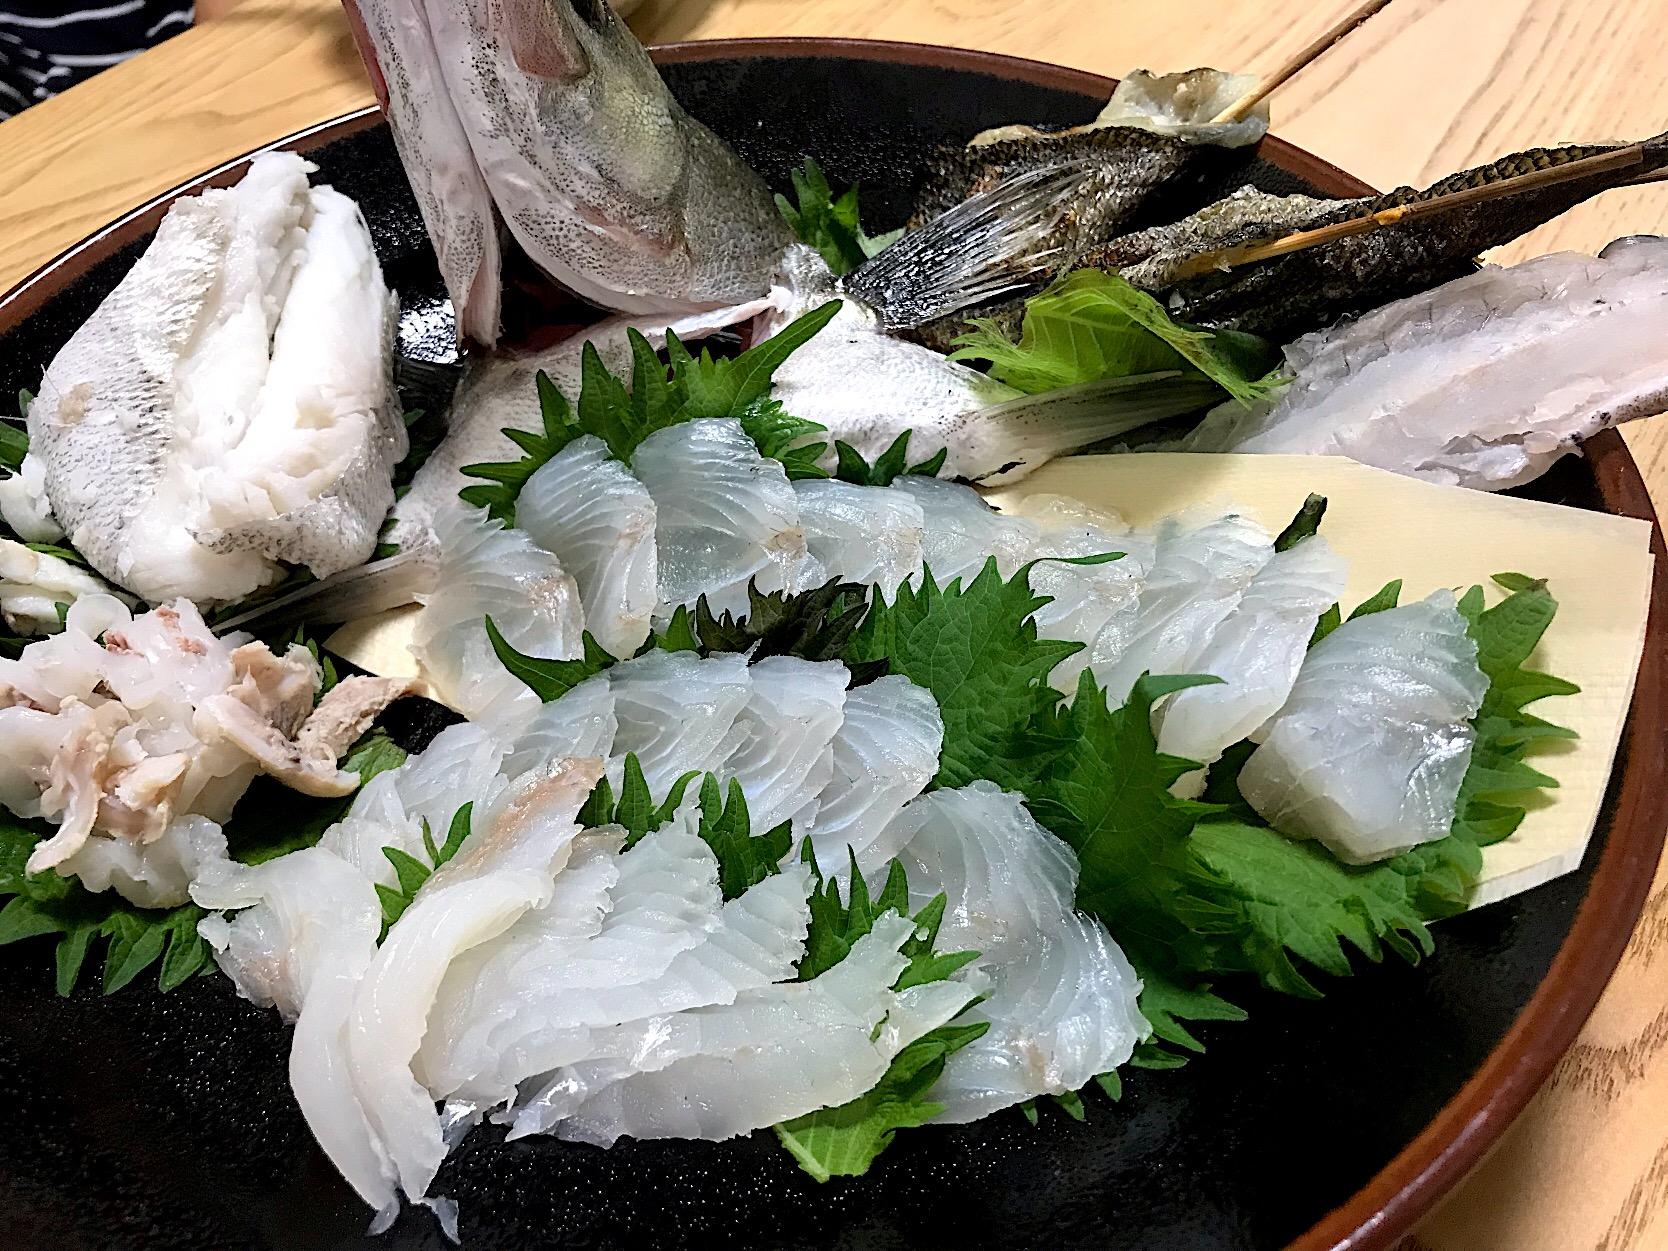 ヒラマサやカンパチは違う!?「出世魚」の特徴と見分け方の画像